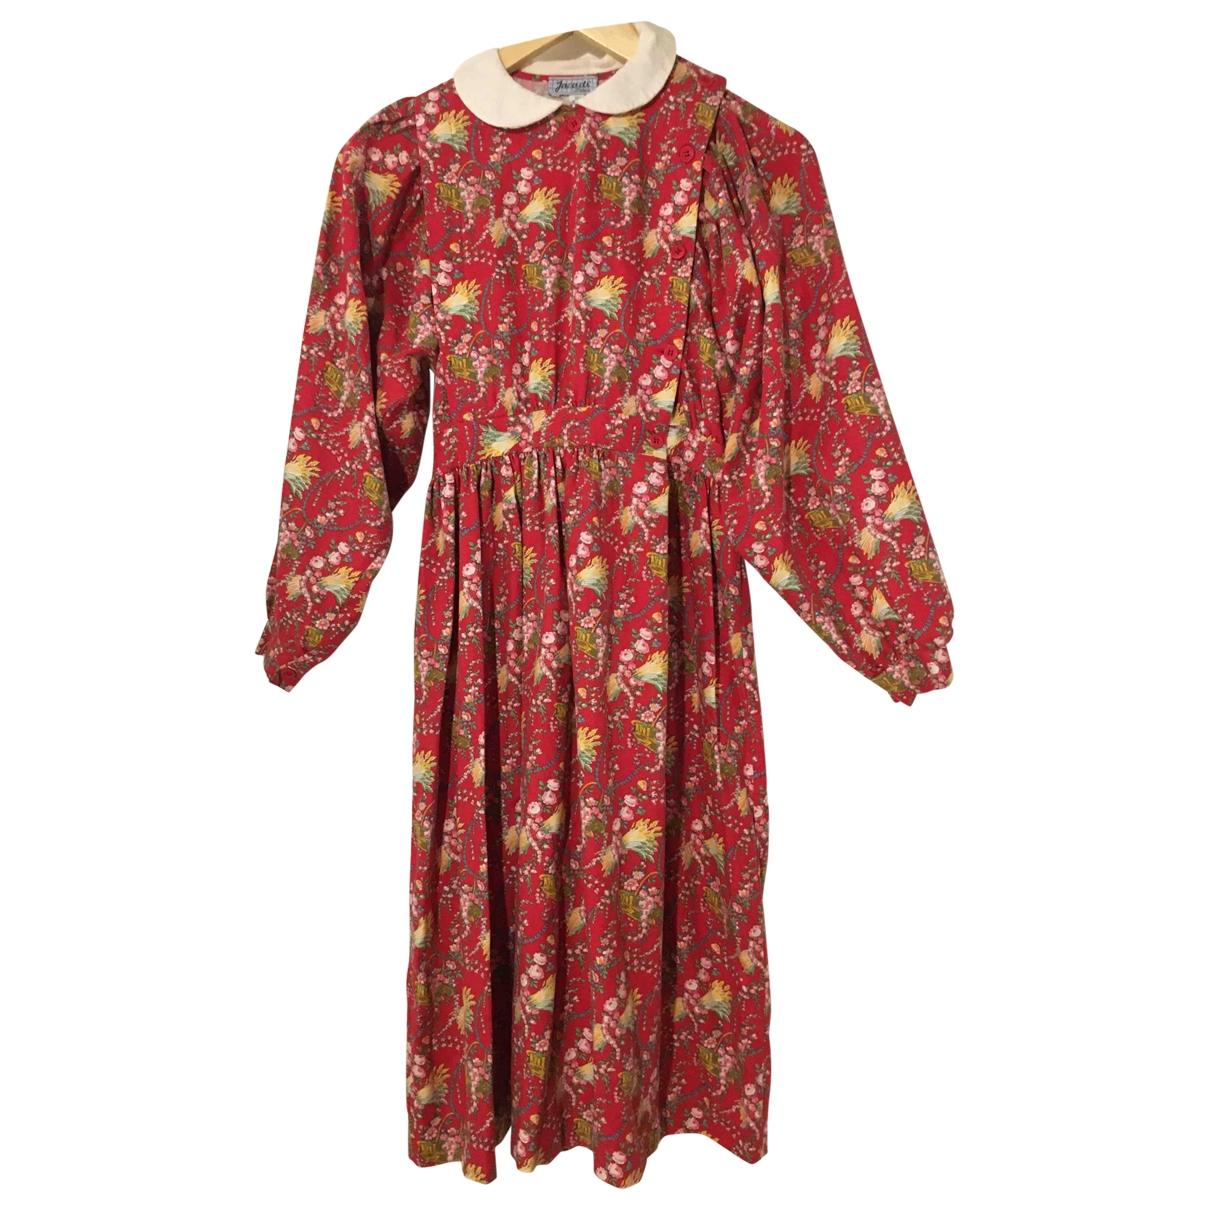 Jacadi \N Kleid in  Rot Baumwolle